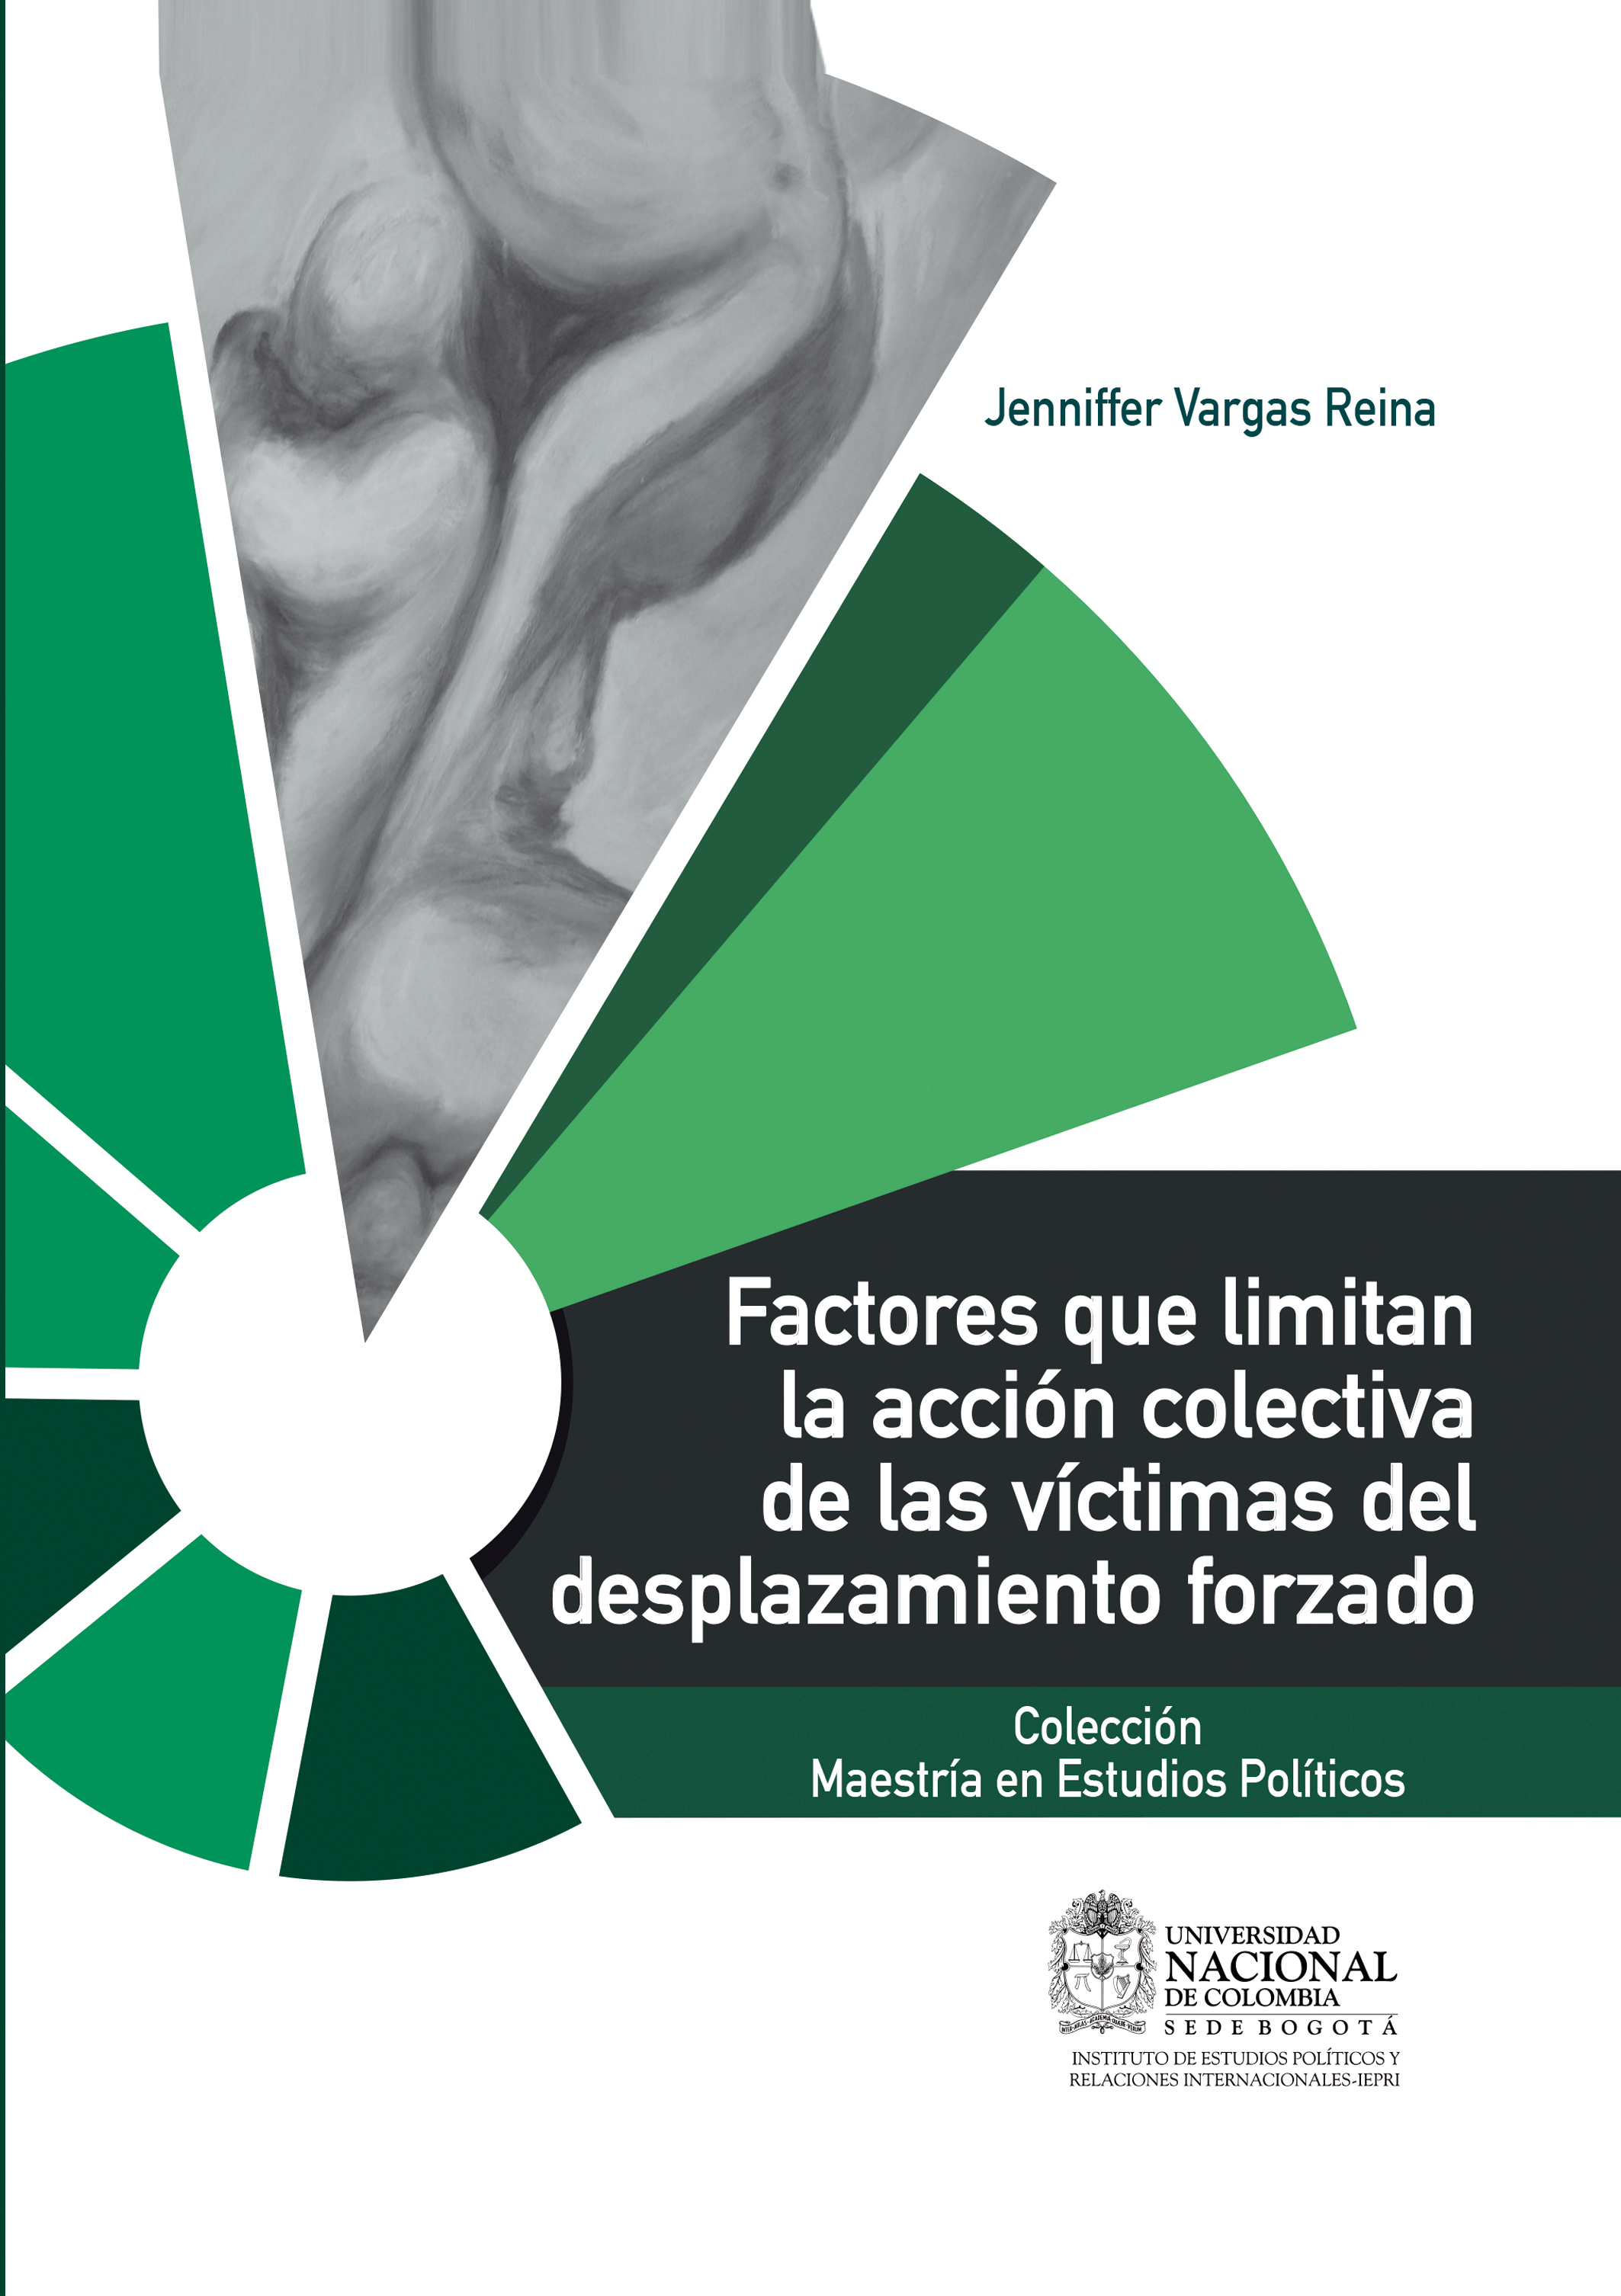 Jenniffer Vargas Reina Factores que limitan la acción colectiva de las víctimas del desplazamiento forzado mario vargas llosa travesuras de la nina mala